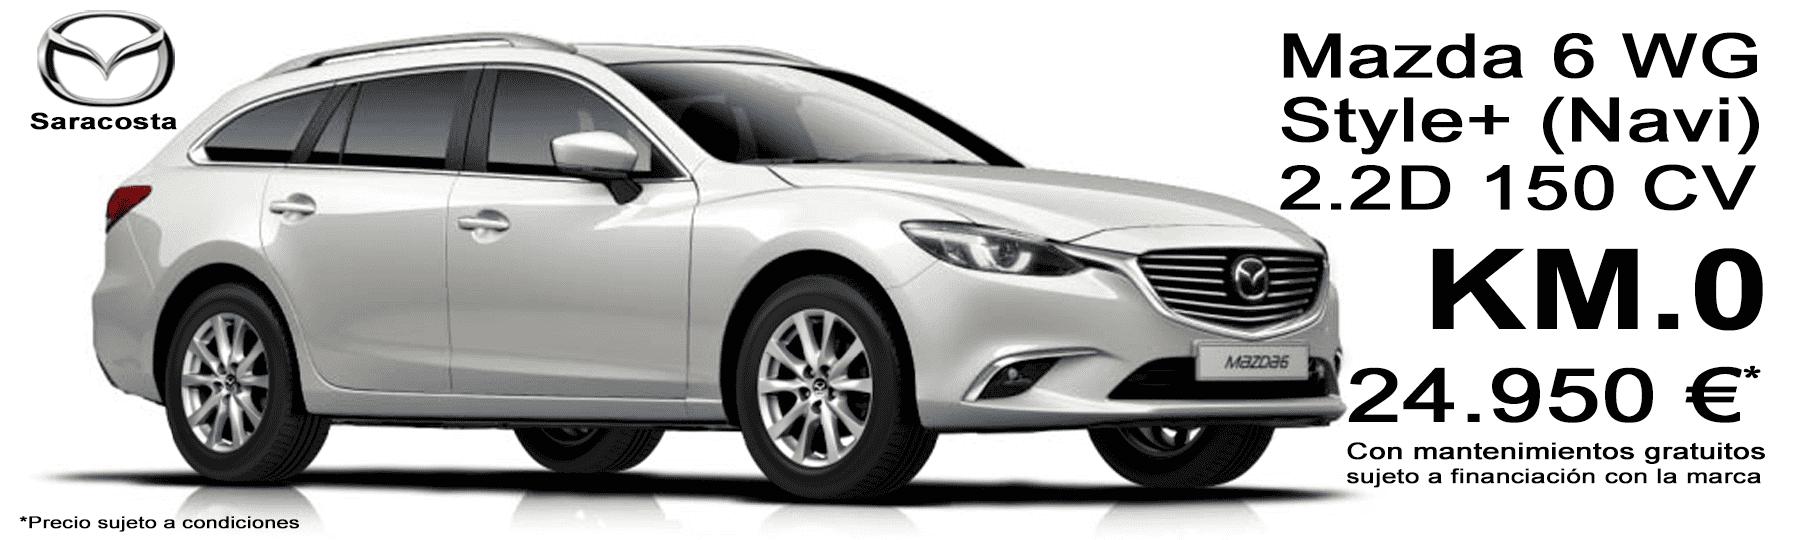 Mazda 6 Wagon 2.2d 150 cv Style+ Navi